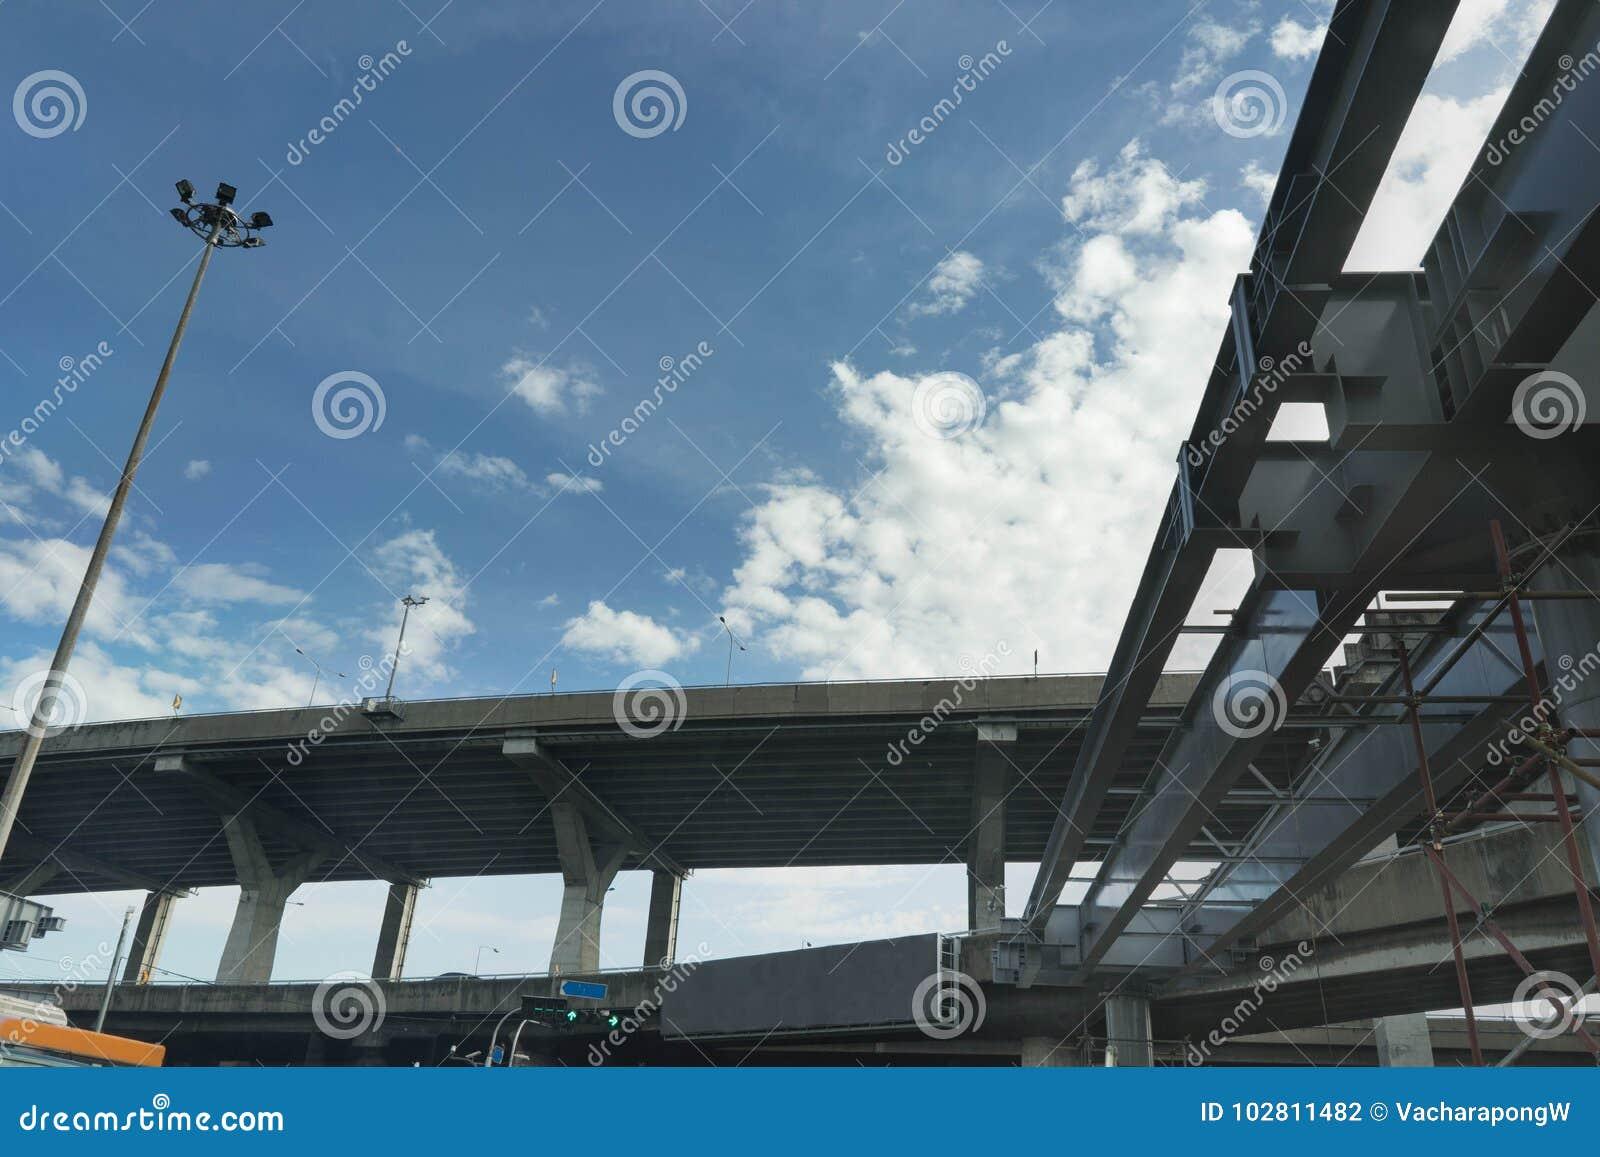 横跨发怒路的高速公路明确方式天桥underconstruction在蓝天后面地面的泰国城市